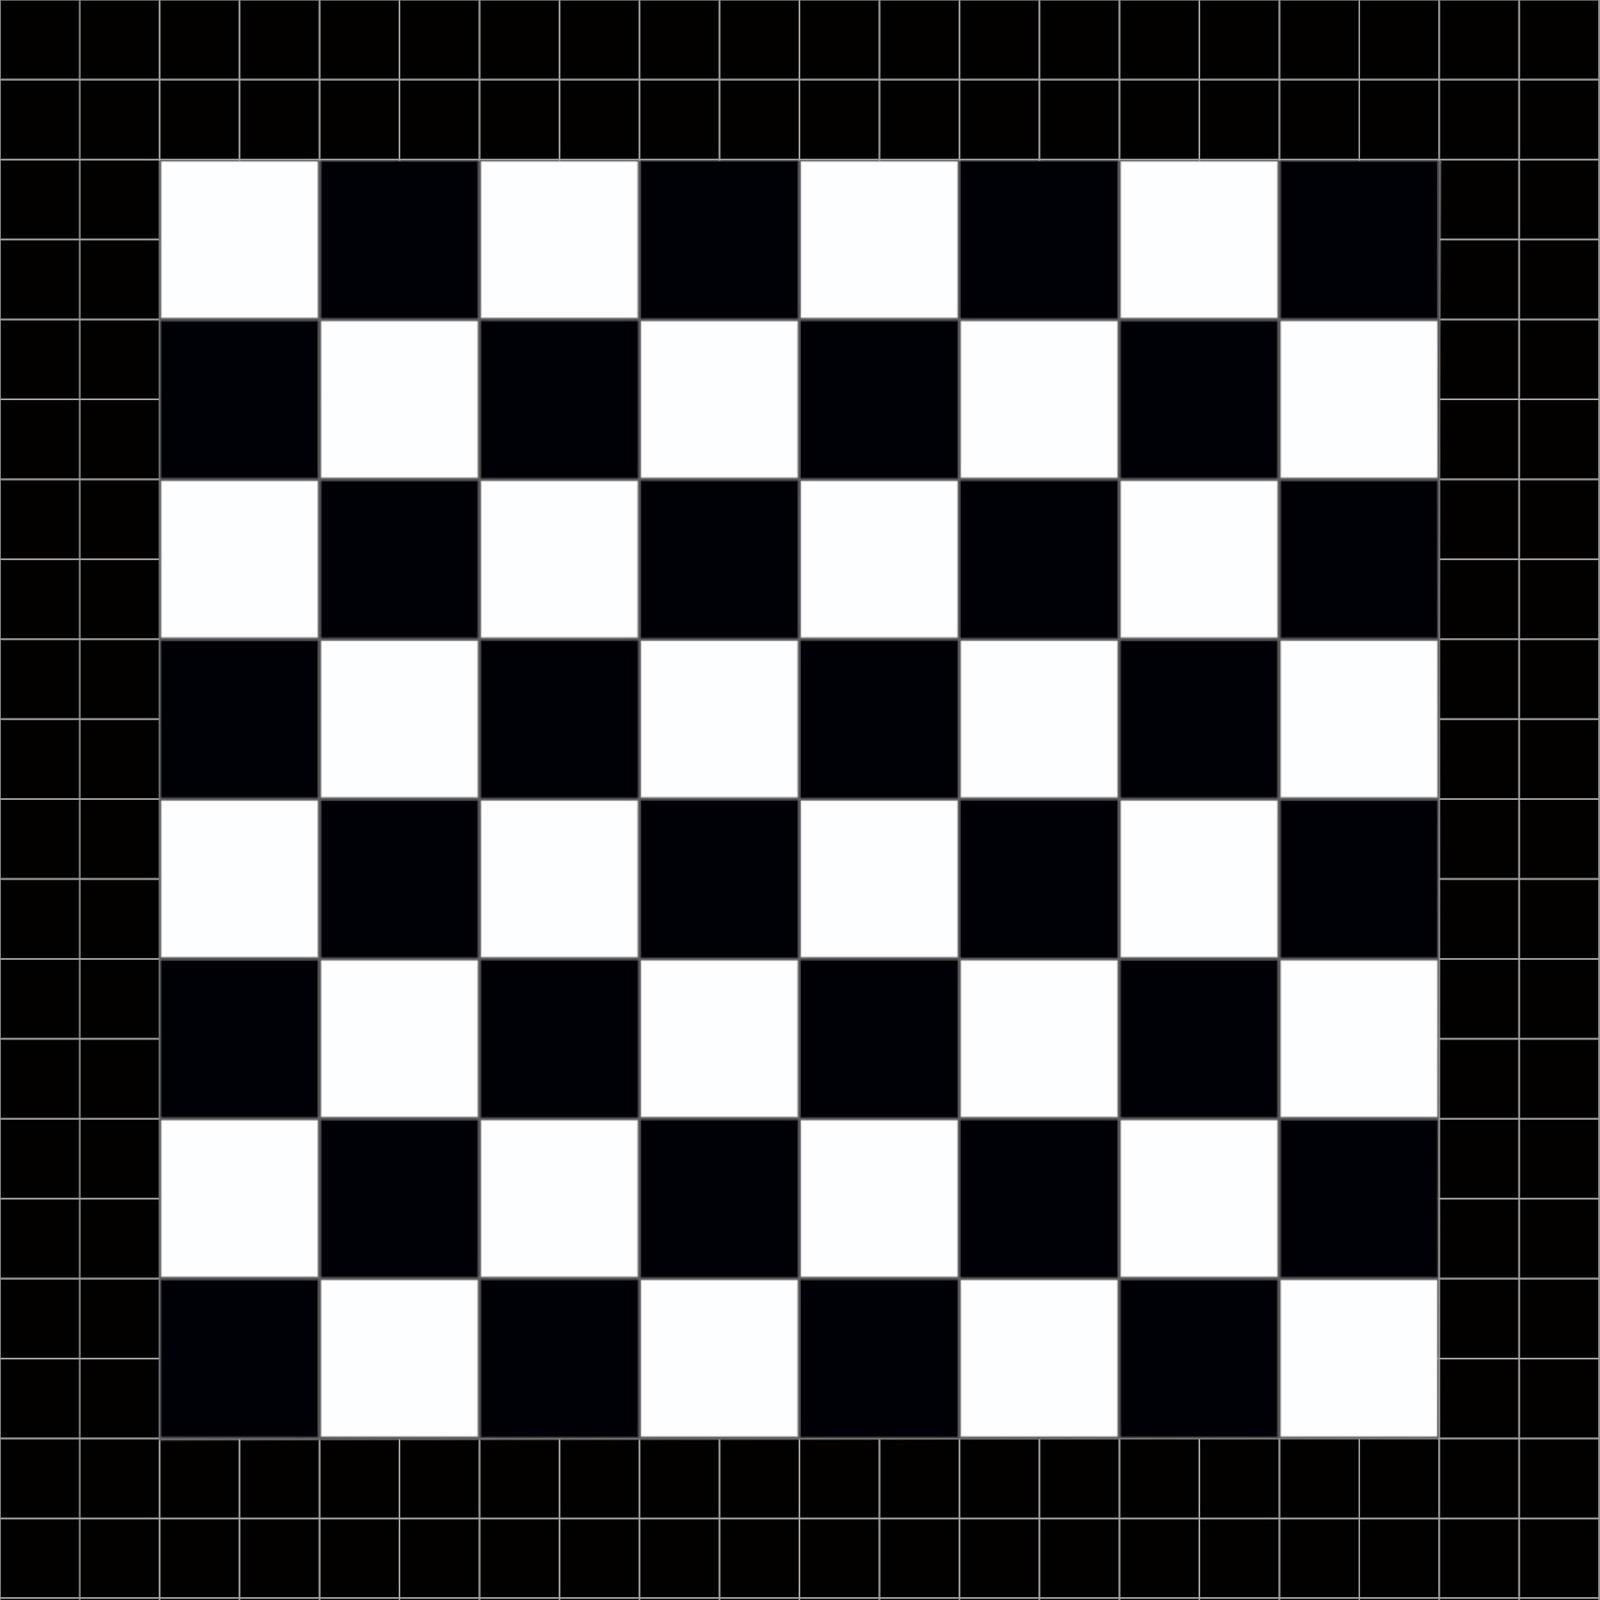 Tablero juego de mesa, ajedrez